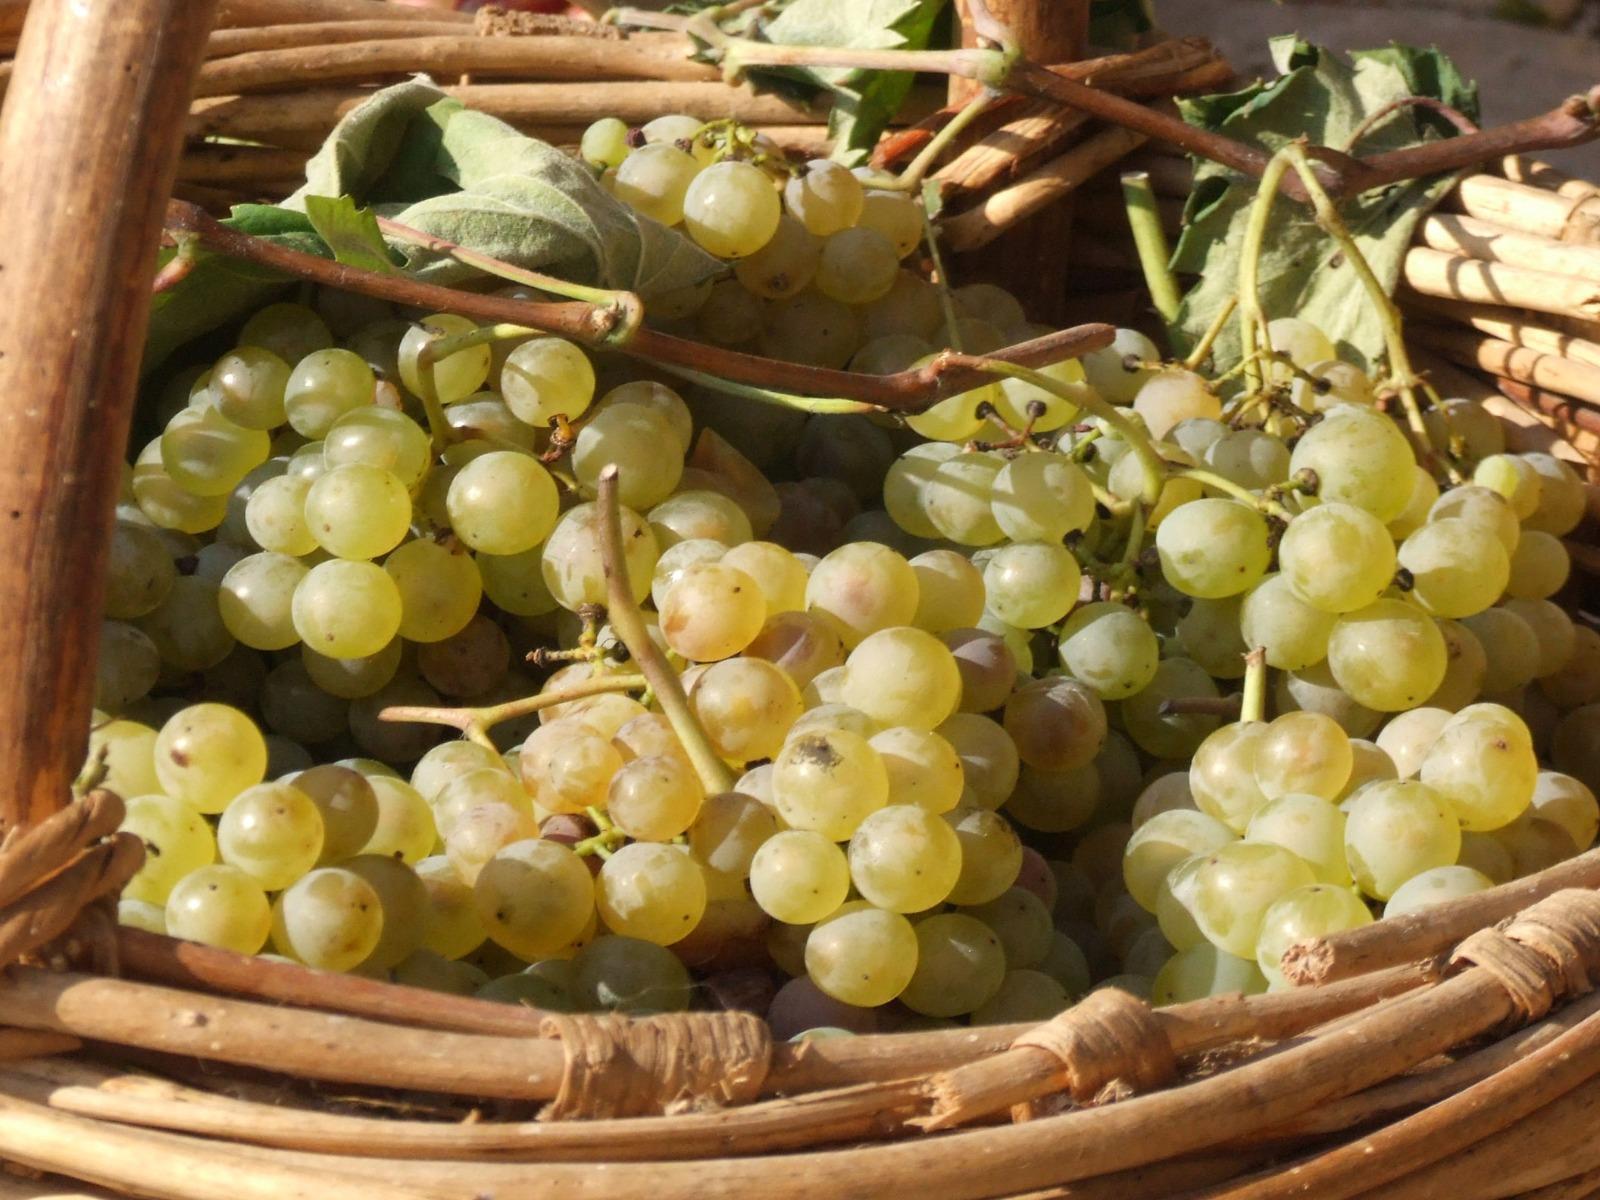 Festa dell'uva 1 of 1